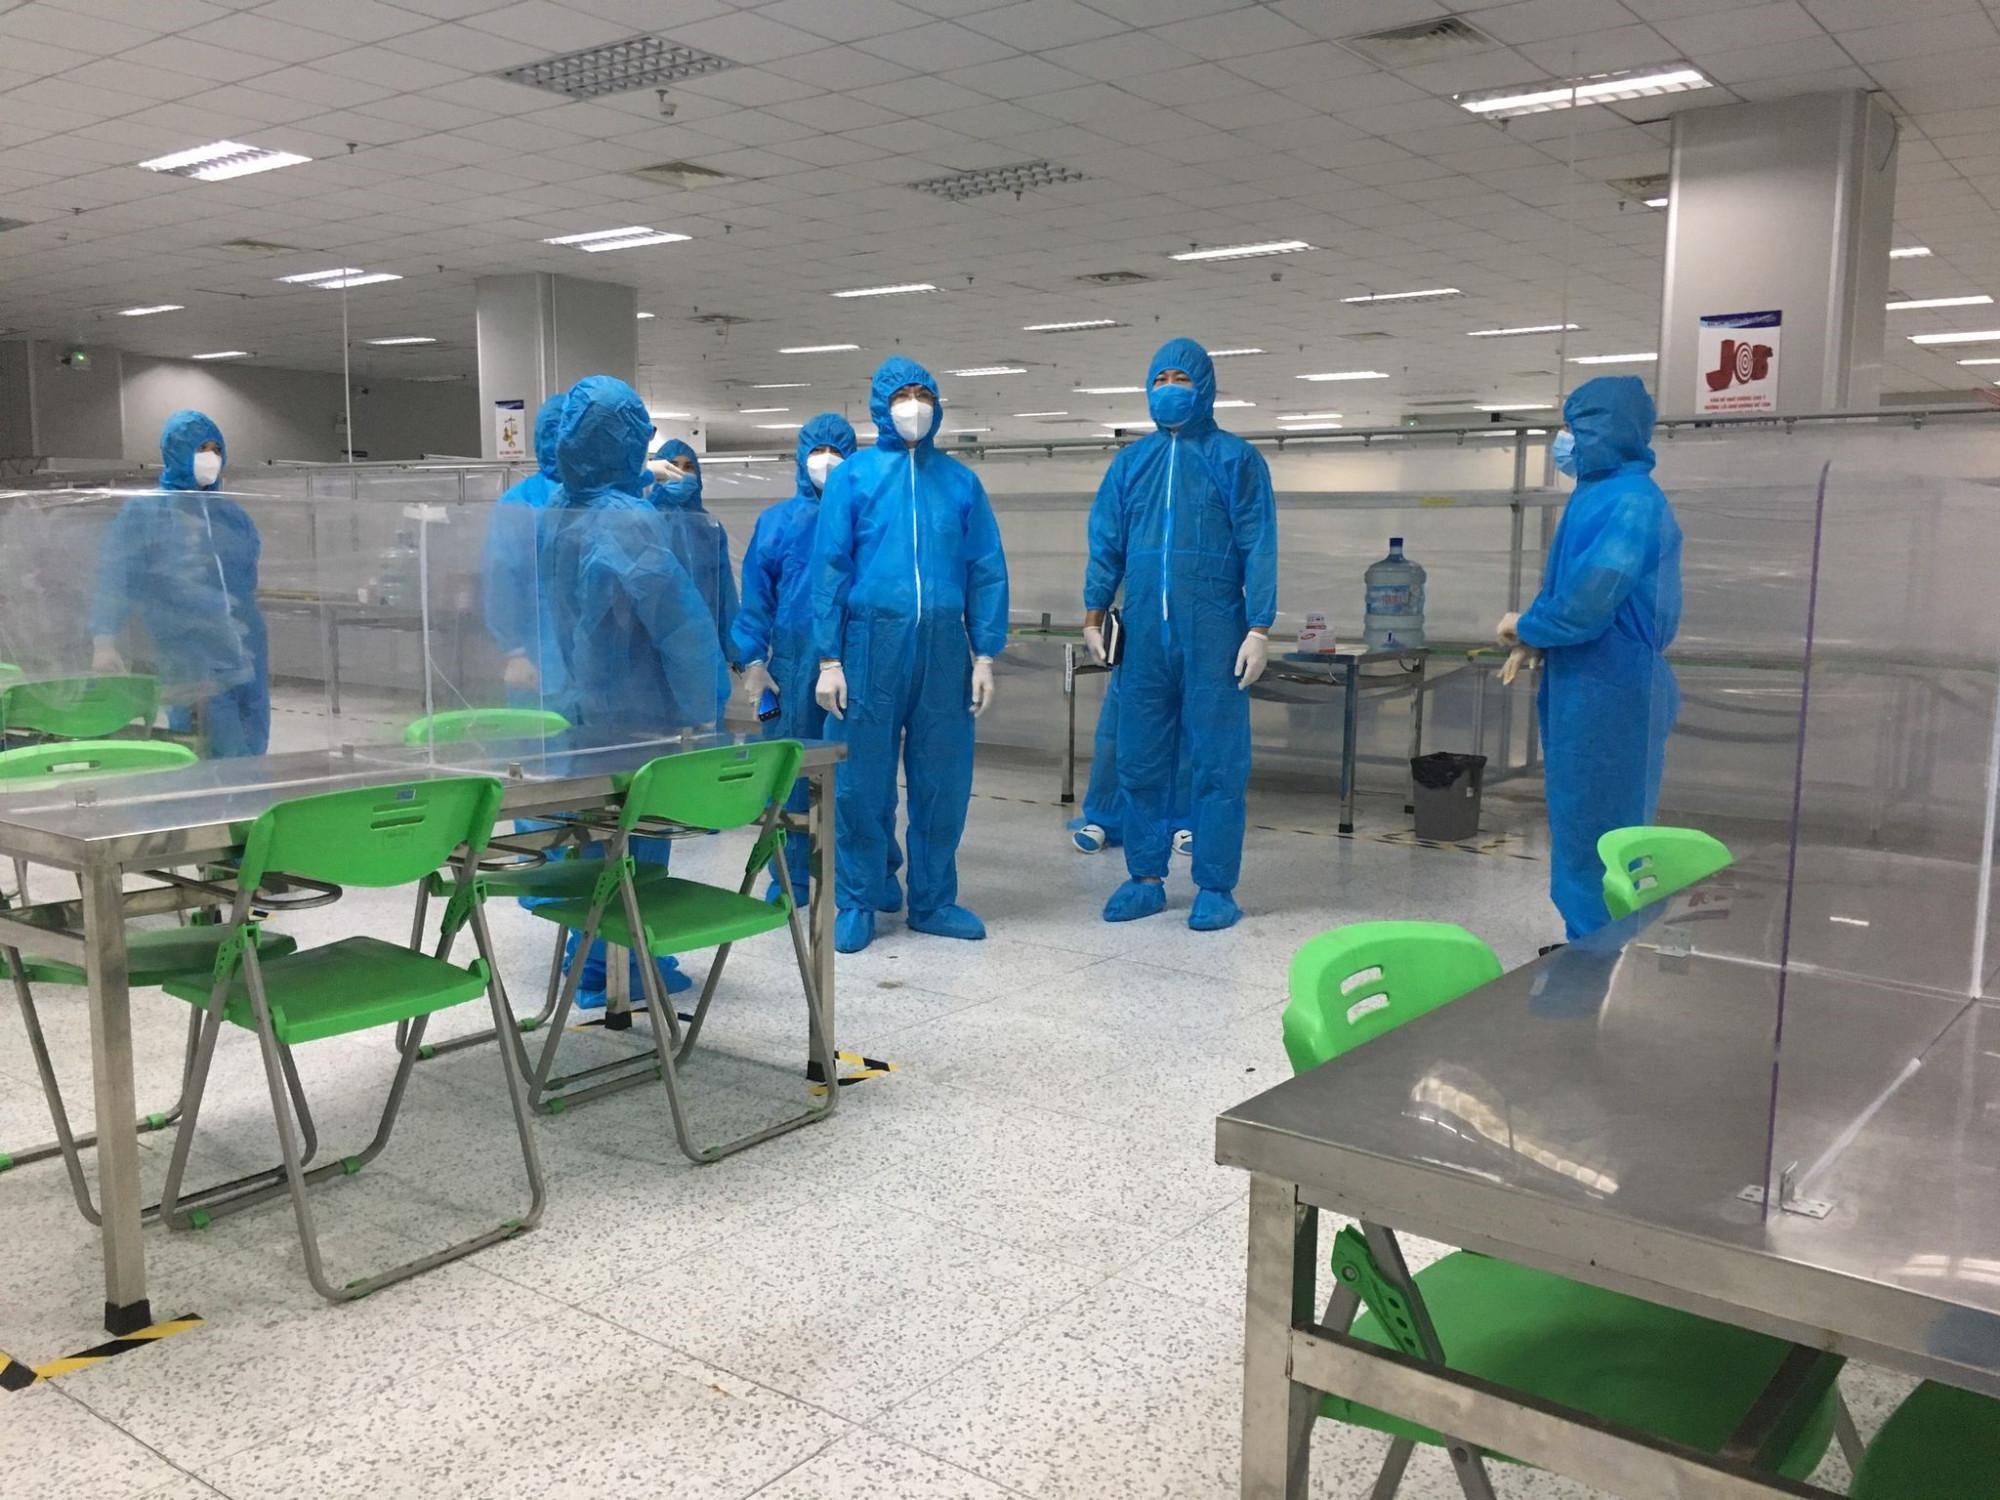 Lãnh đạo Sở Y tế Bắc Ninh cho rằng, các ca dương tính đã ủ bệnh trước khi quay trở lại làm việc